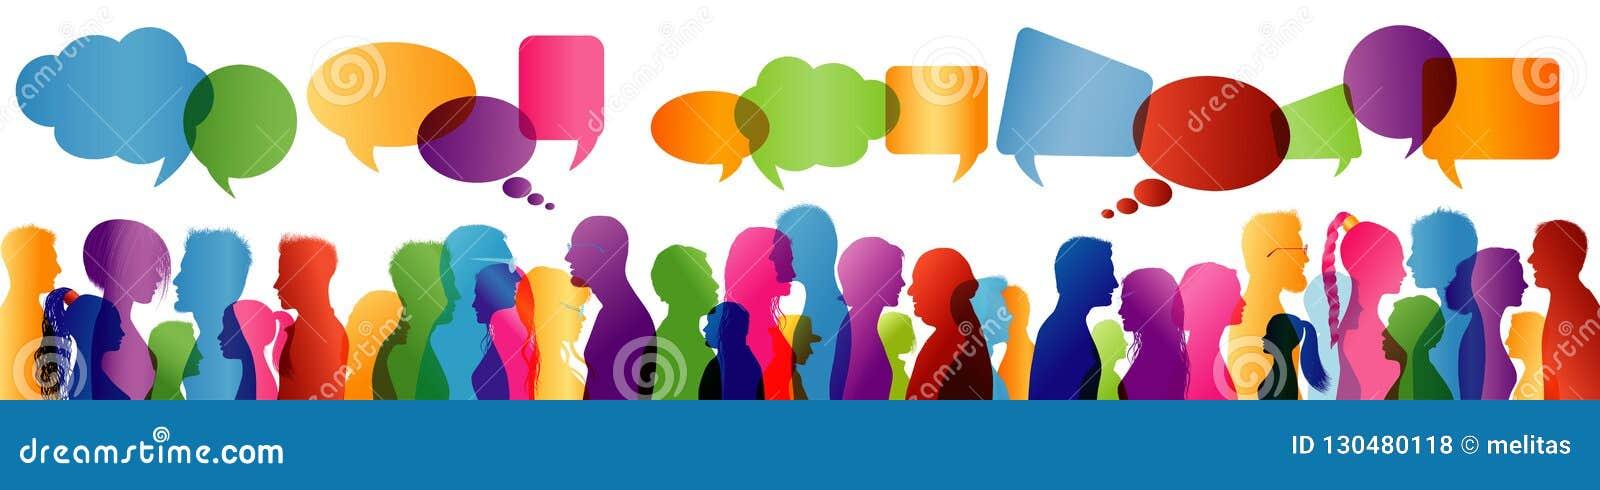 人群谈话 通信概念组人联系 人之间的通信 色的外形剪影 泡影图象人员演讲联系的向量